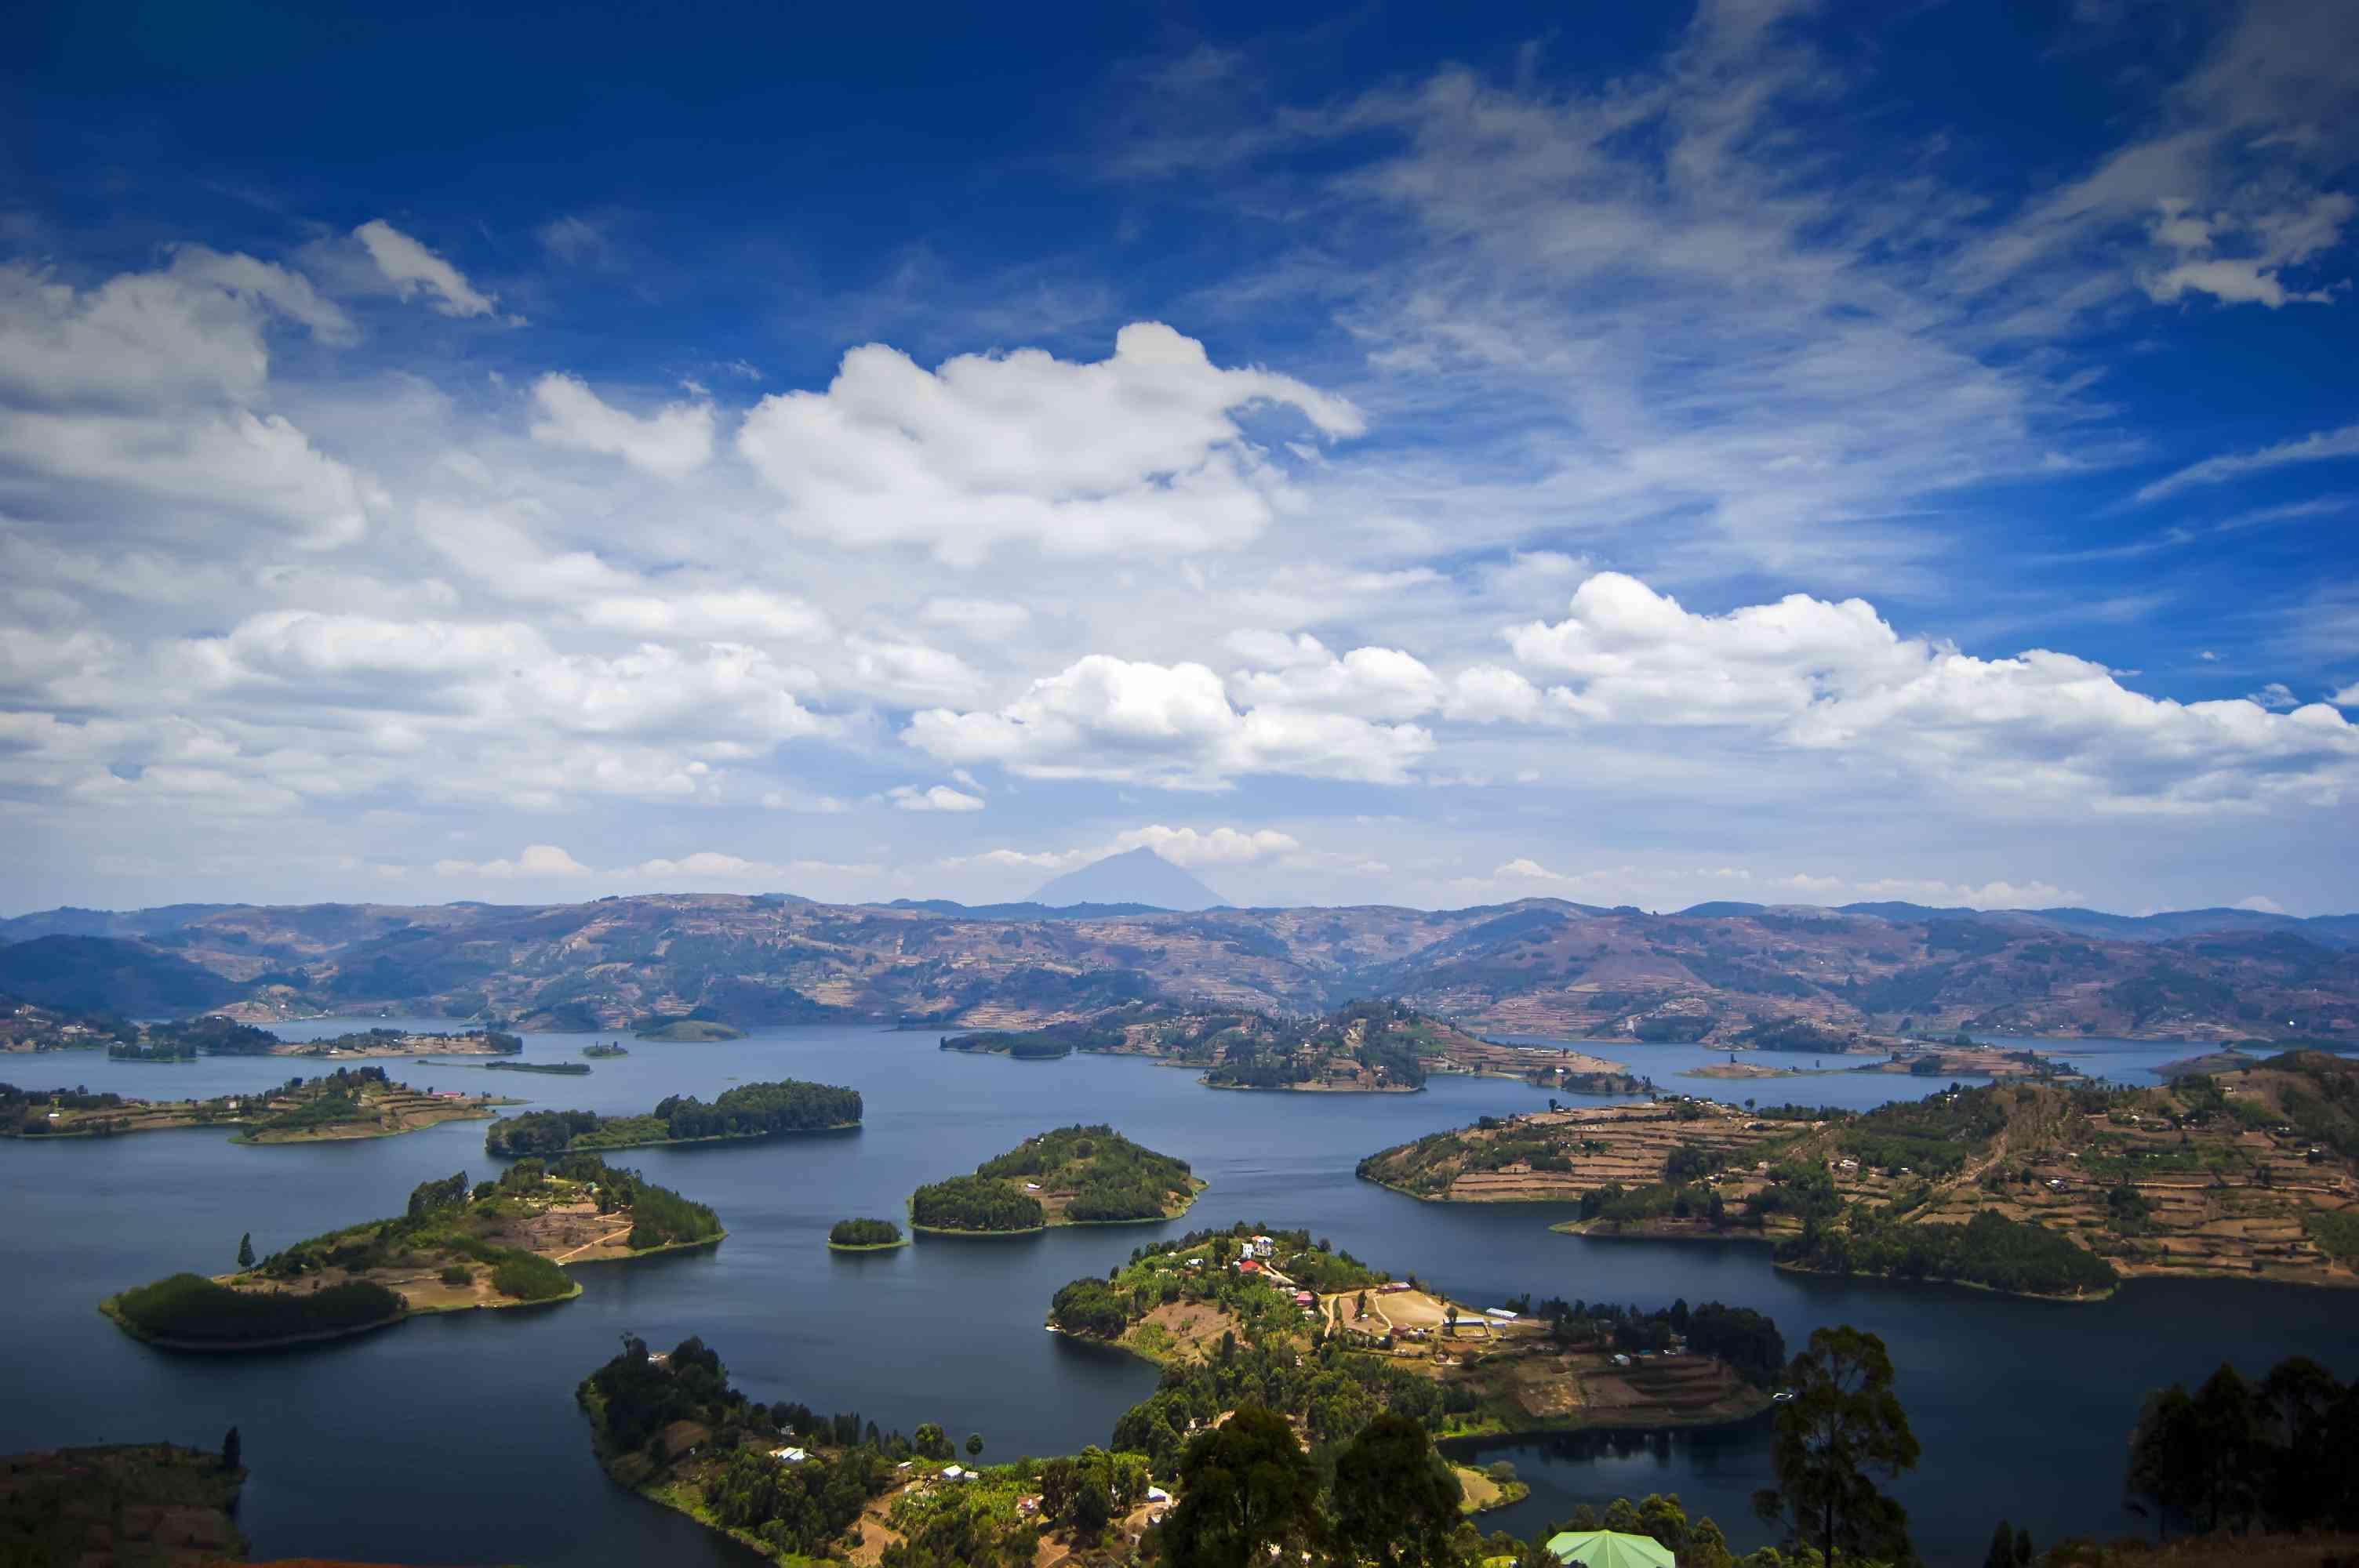 Overview of Lake Bunyonyi, Kabale